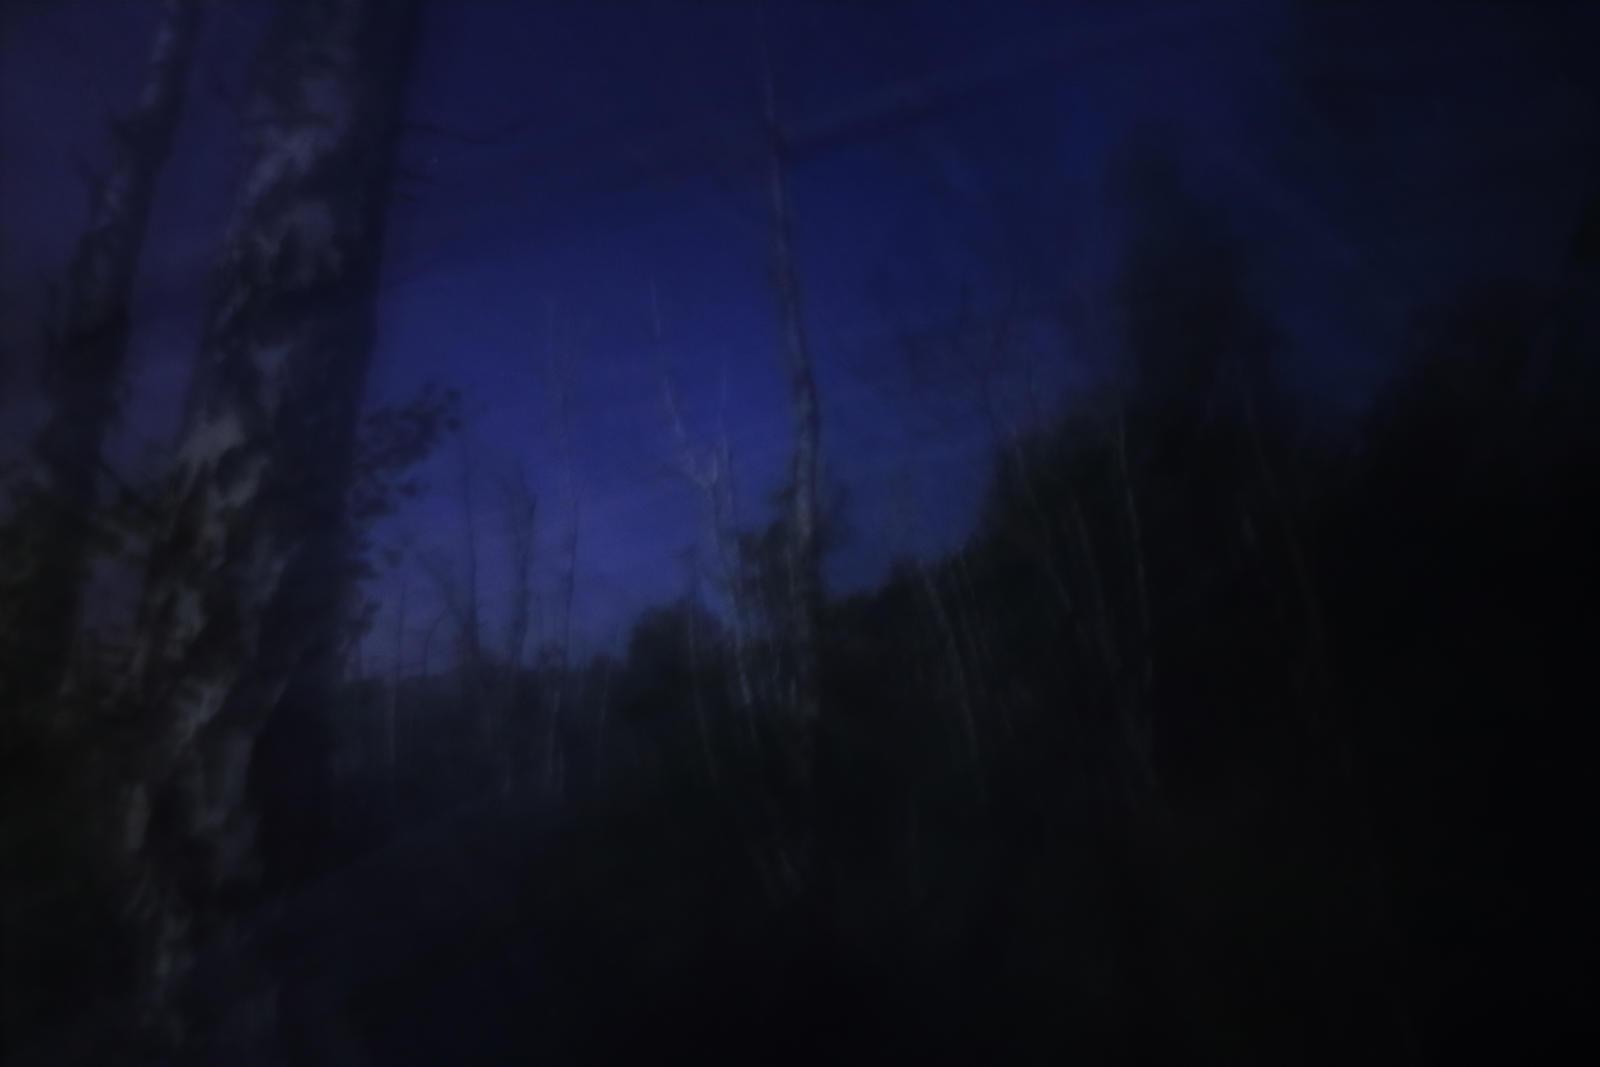 Forbidden forest No.11 by qaxtx